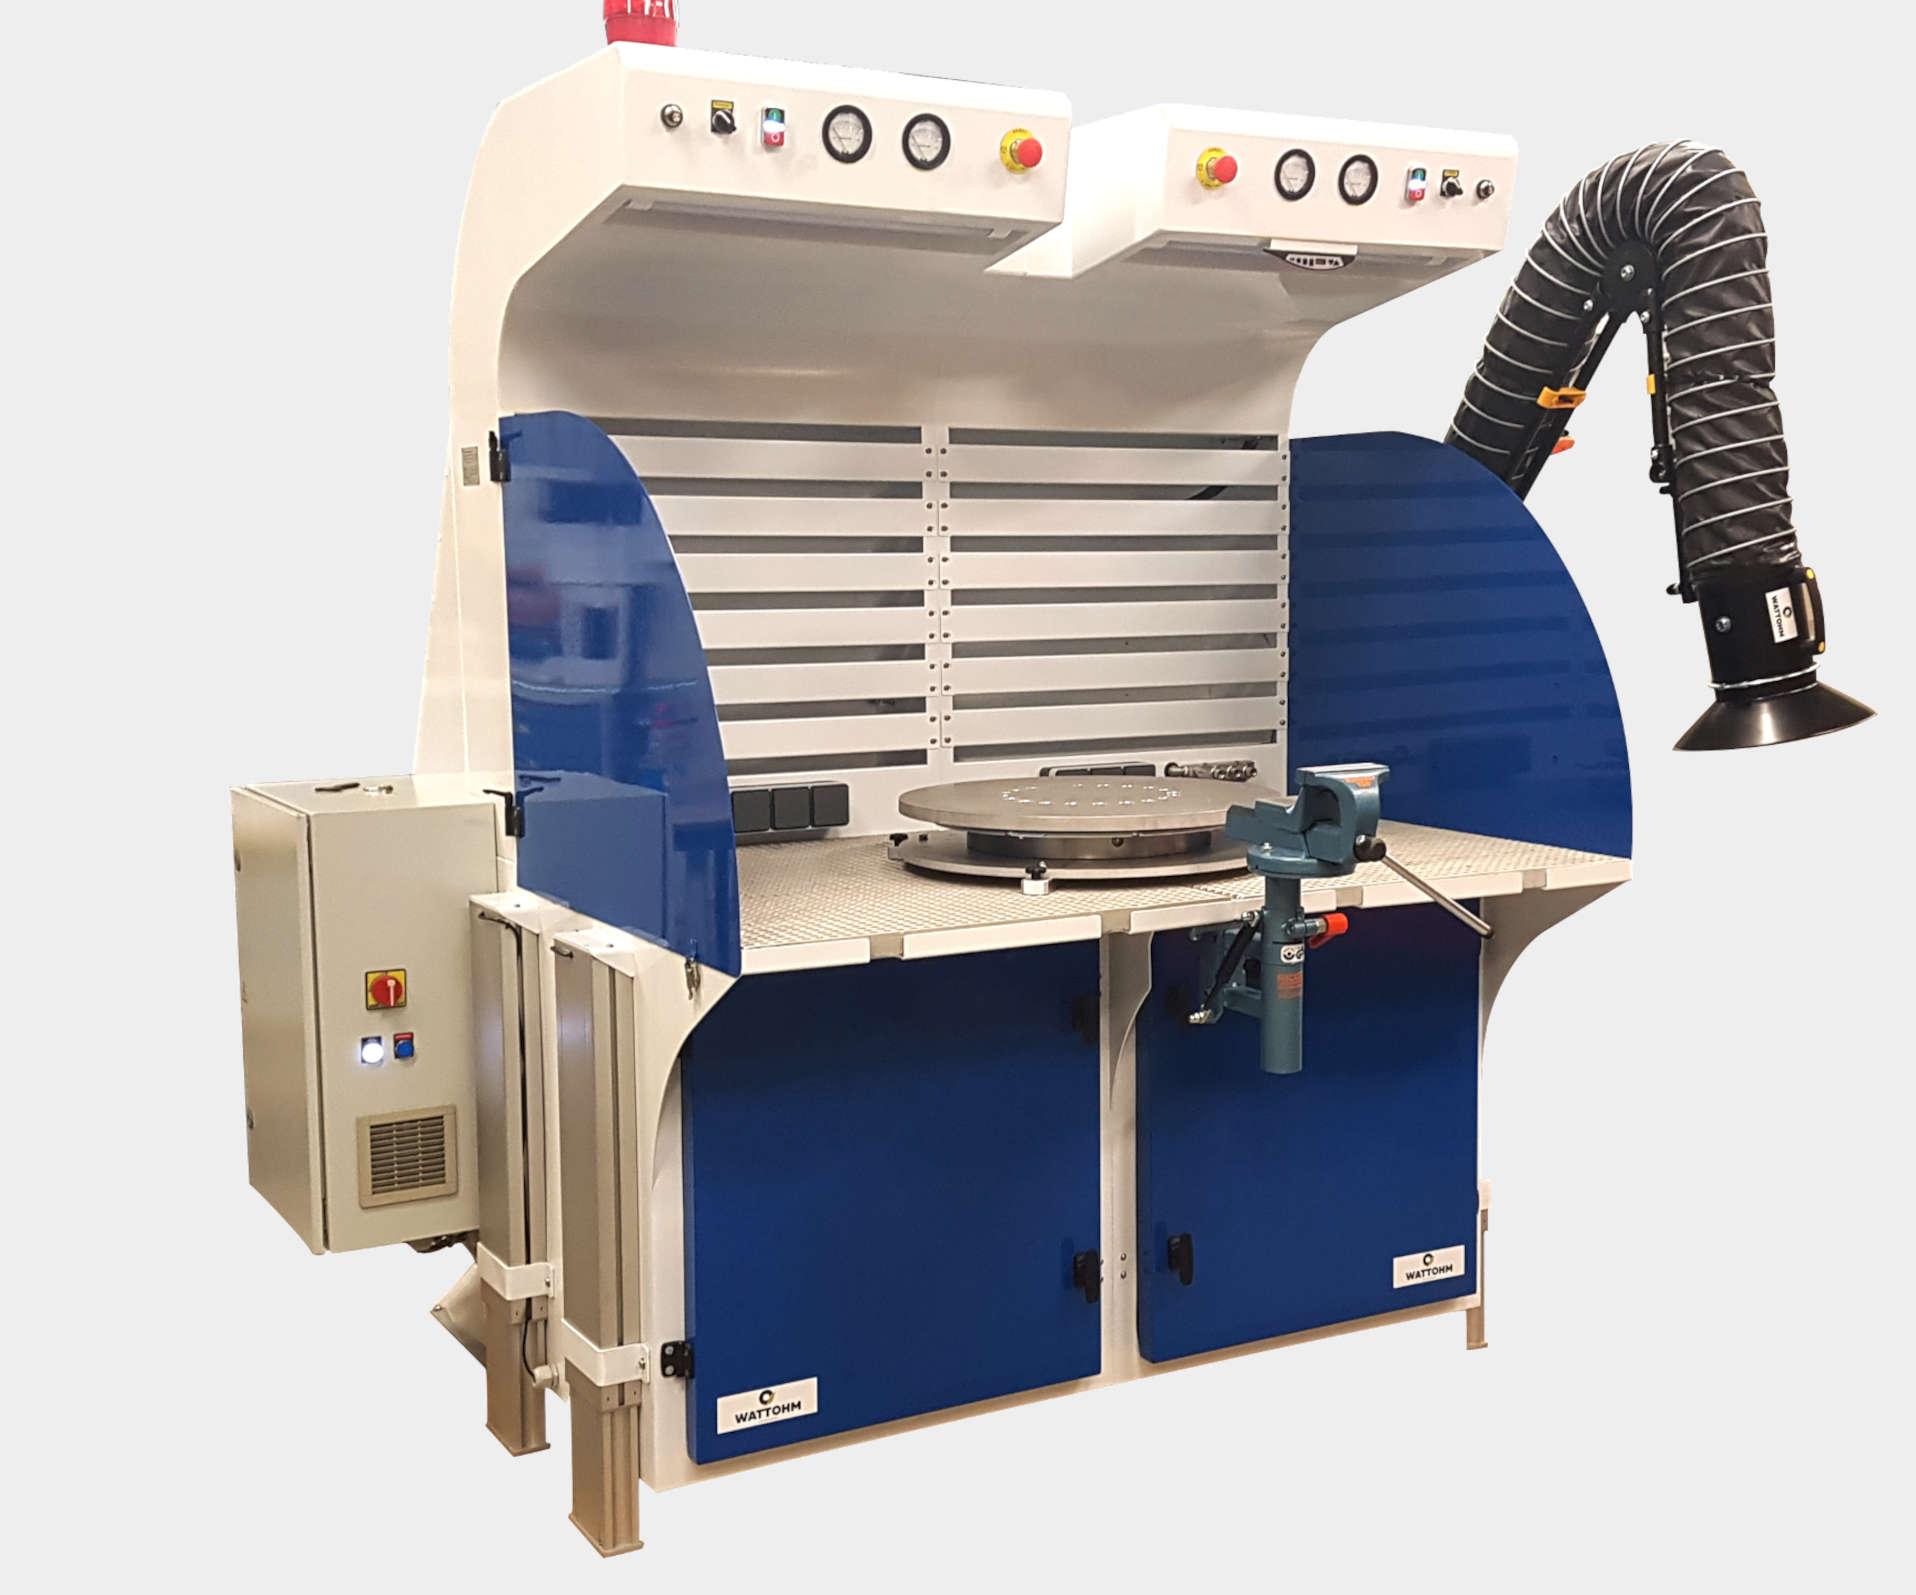 Conception de tables aspirantes avec bras articulé et dispositifs d'aspiration sur mesure avec dépoussiéreurs à décolmatage par air comprimé